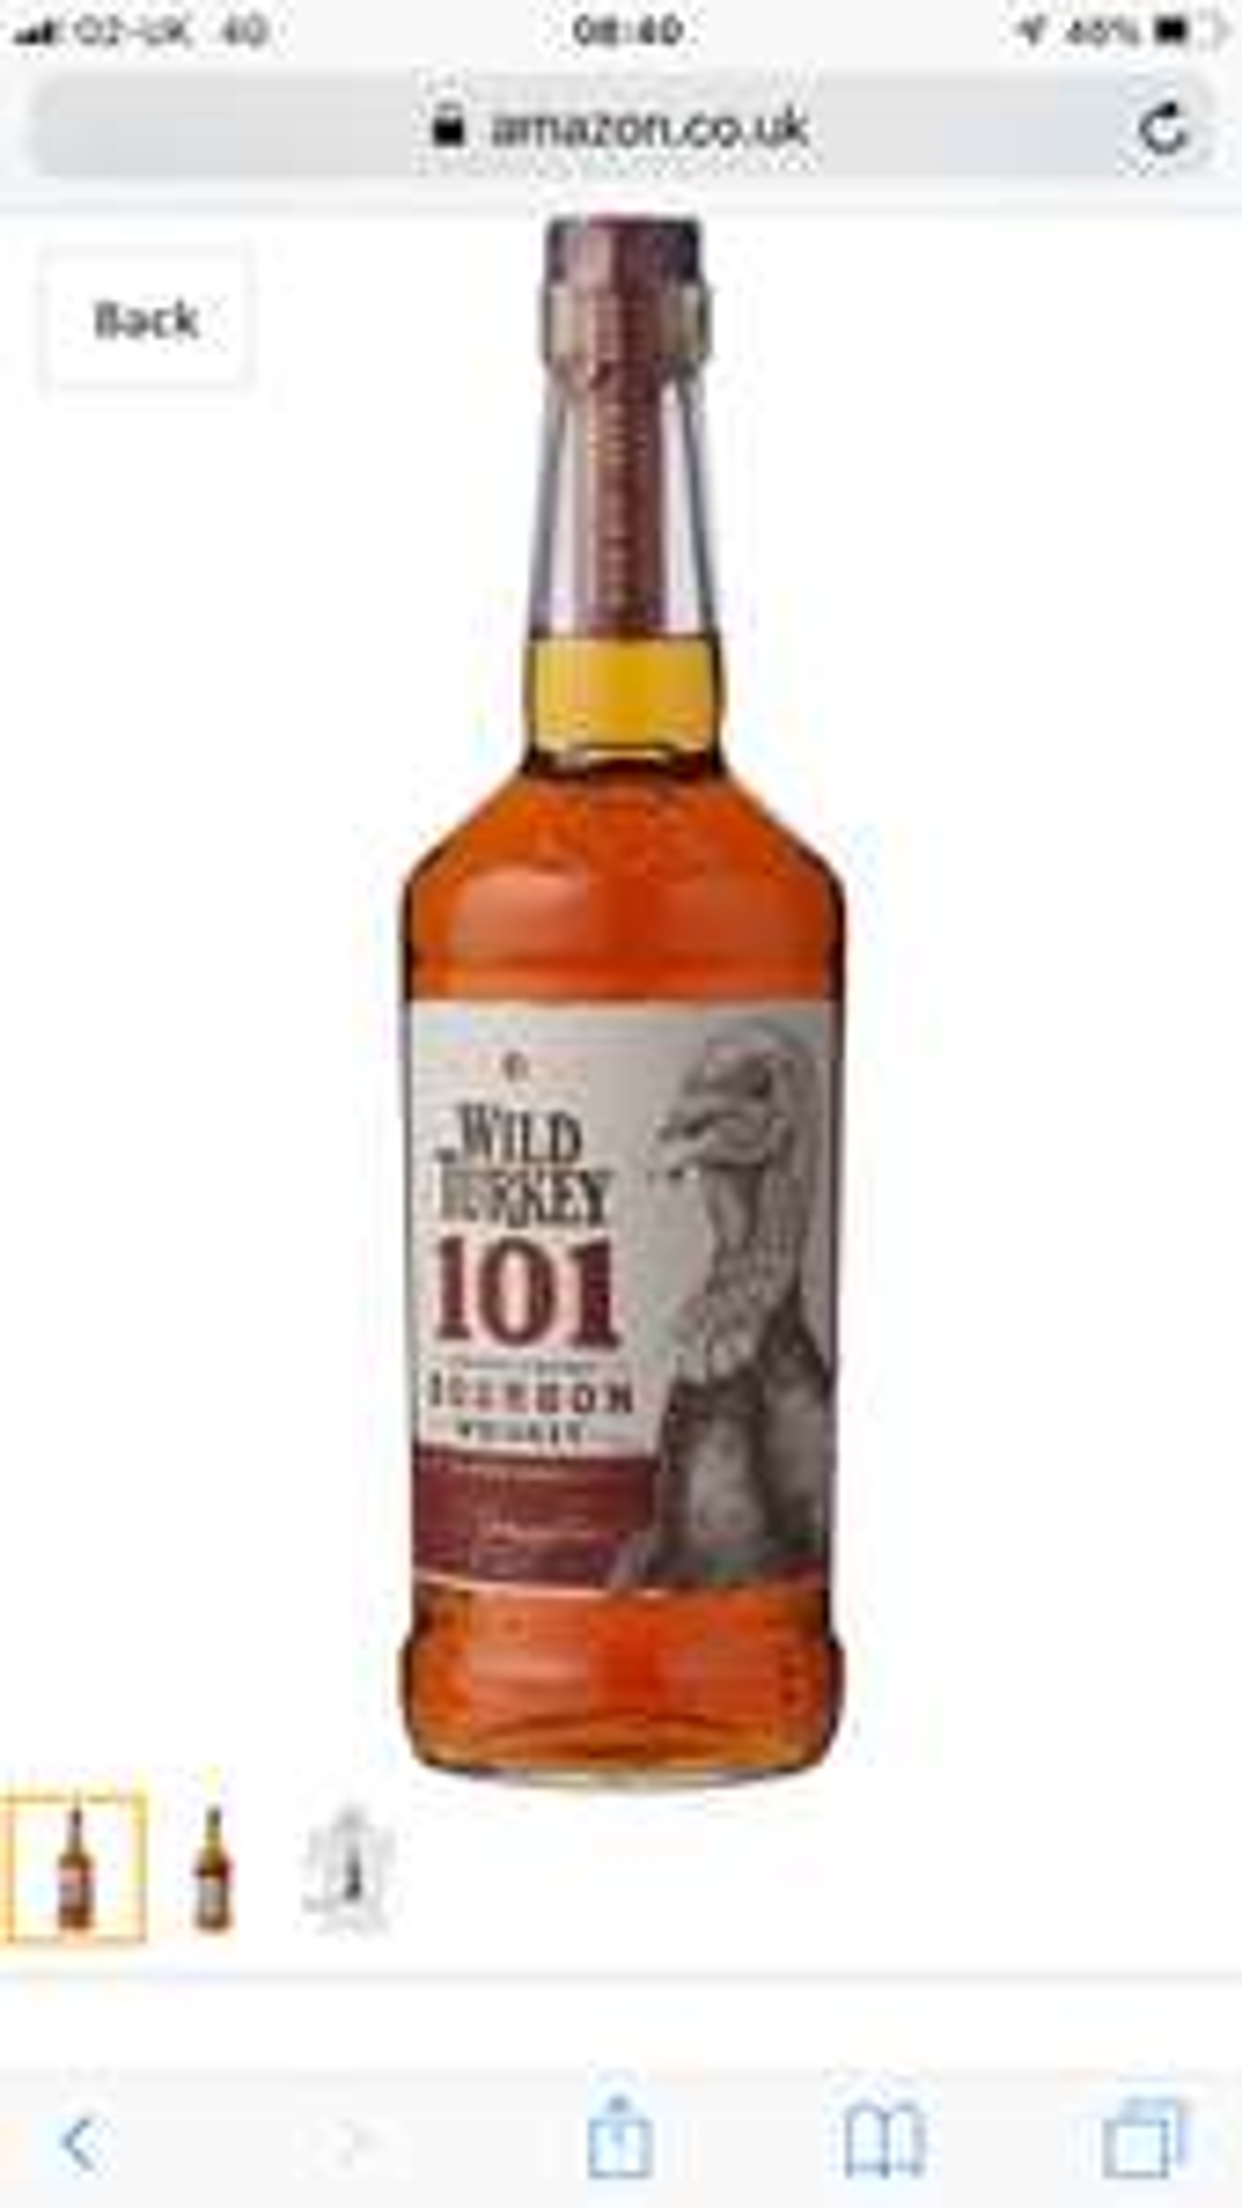 Wild Turkey 101 Bourbon Whiskey, 70 cl  £24.50 Amazon